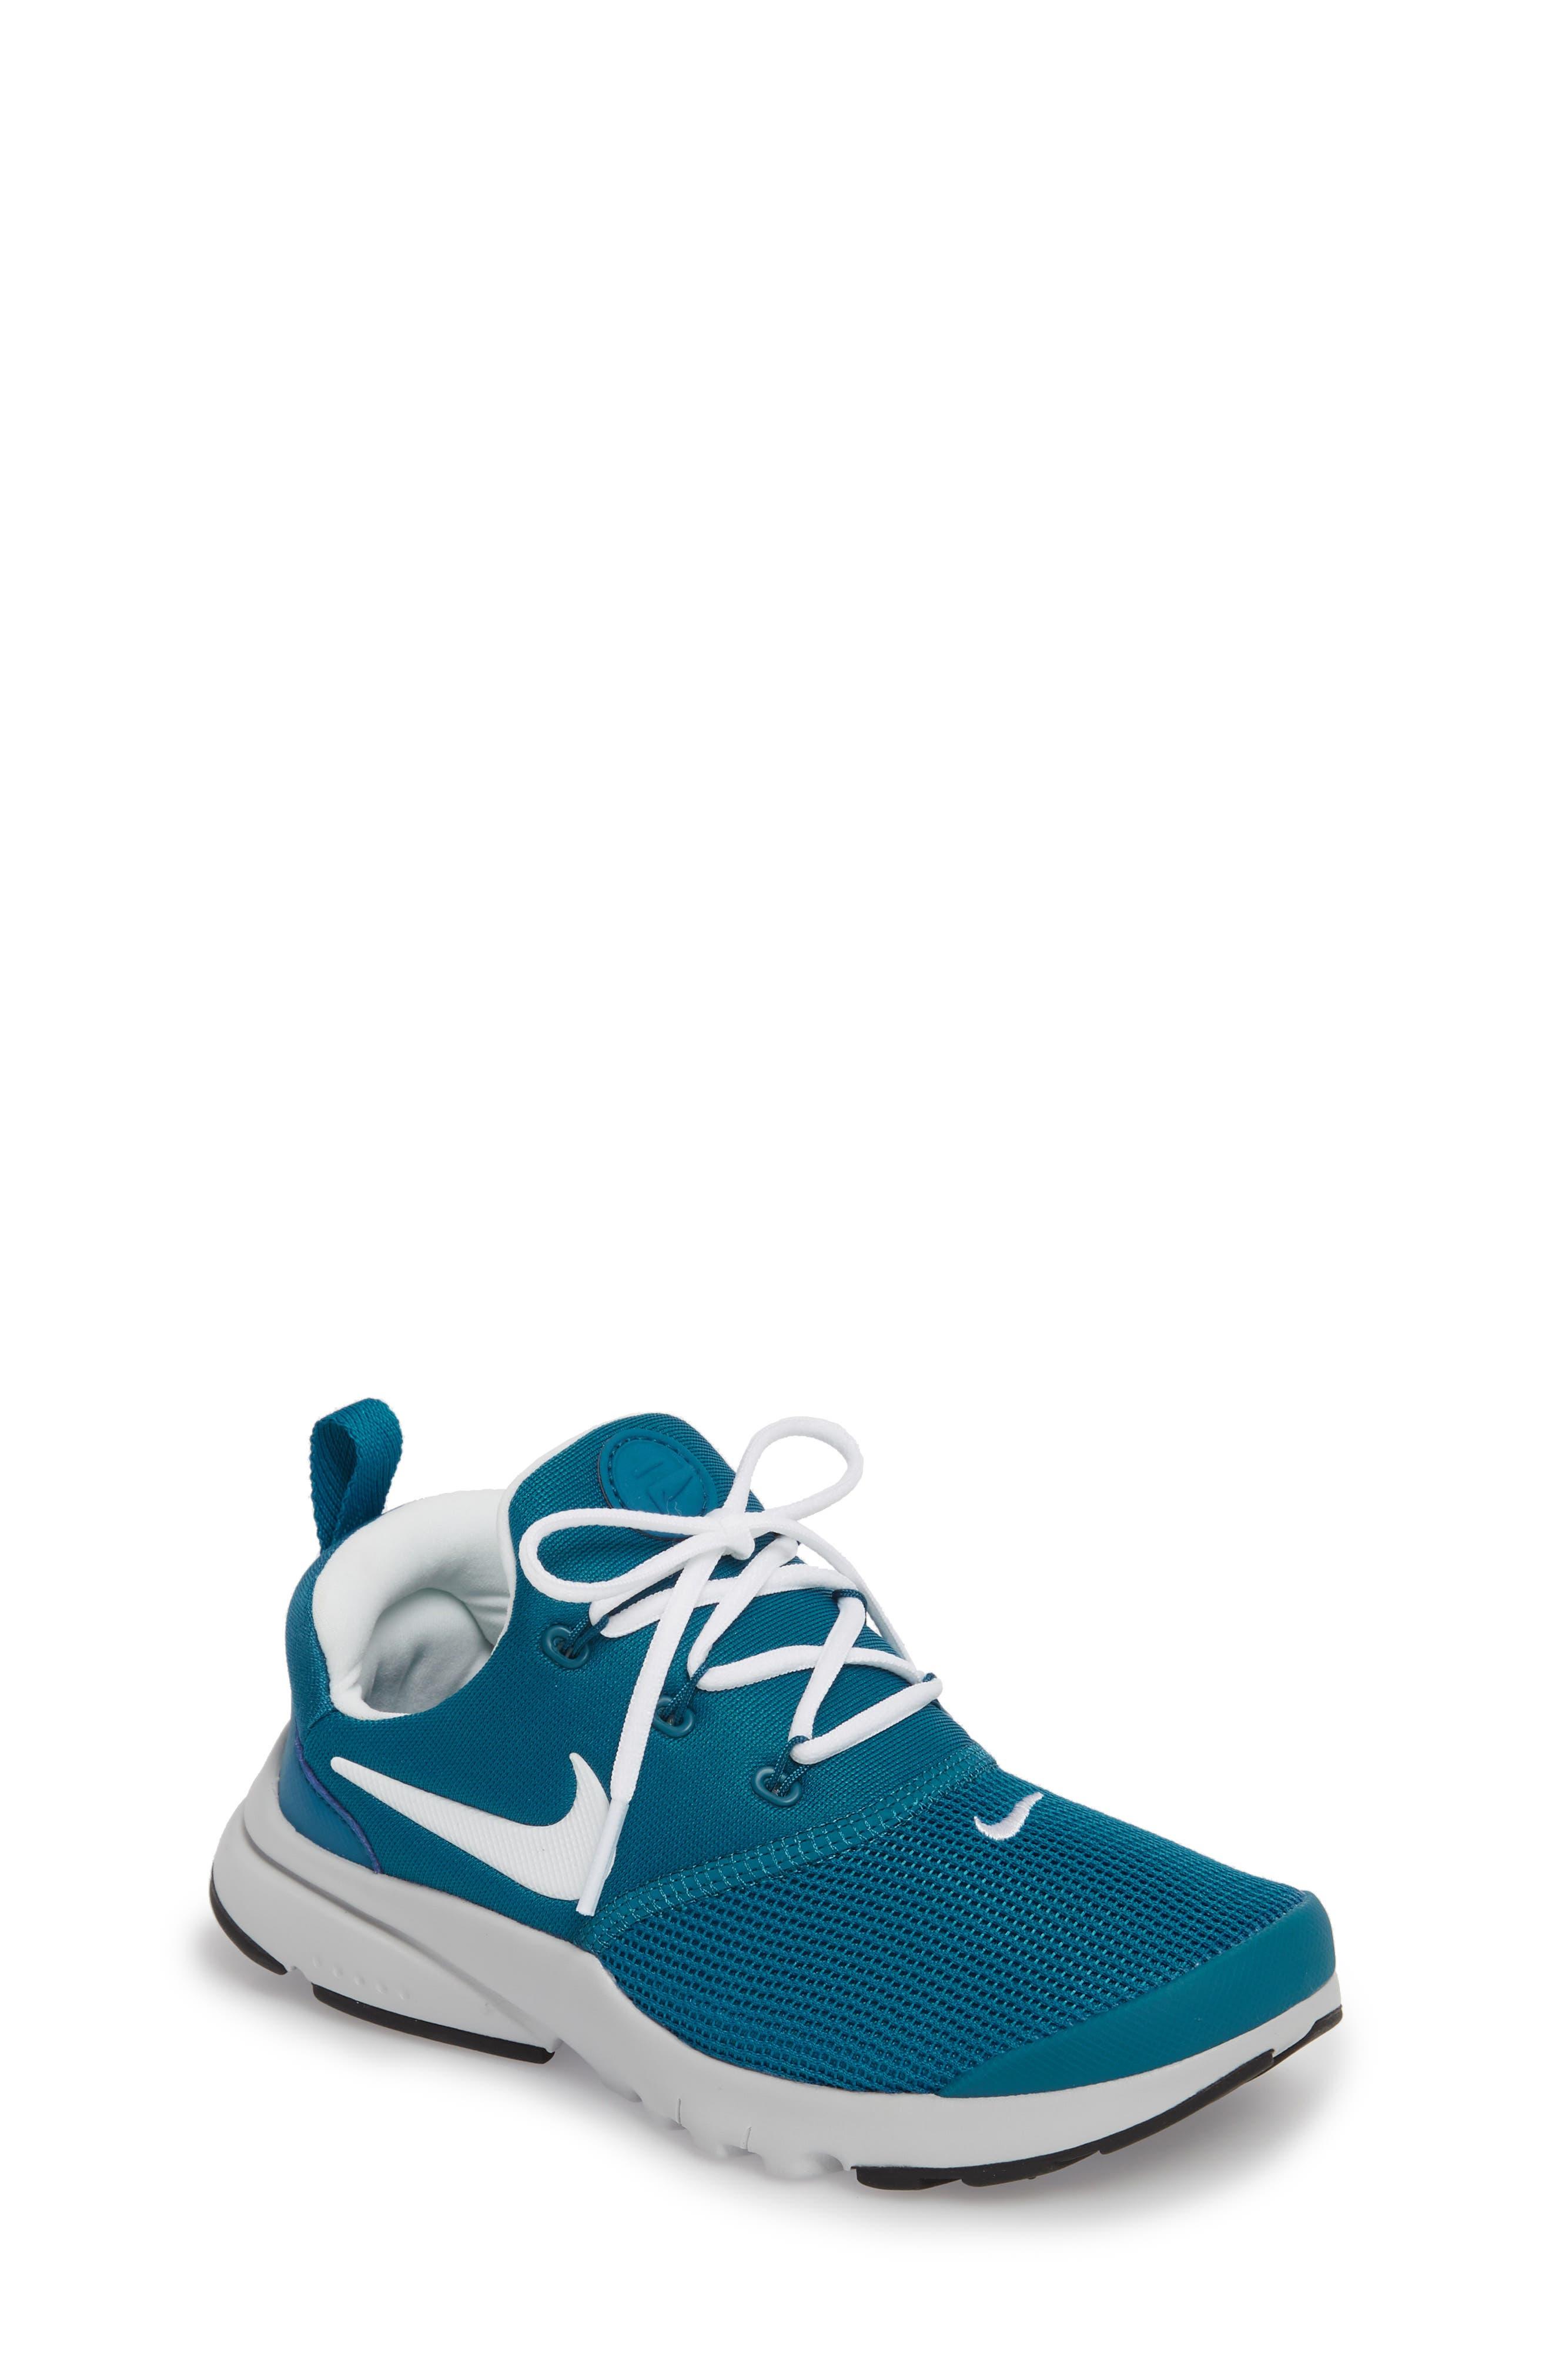 Nike Presto Fly Sneaker (Toddler